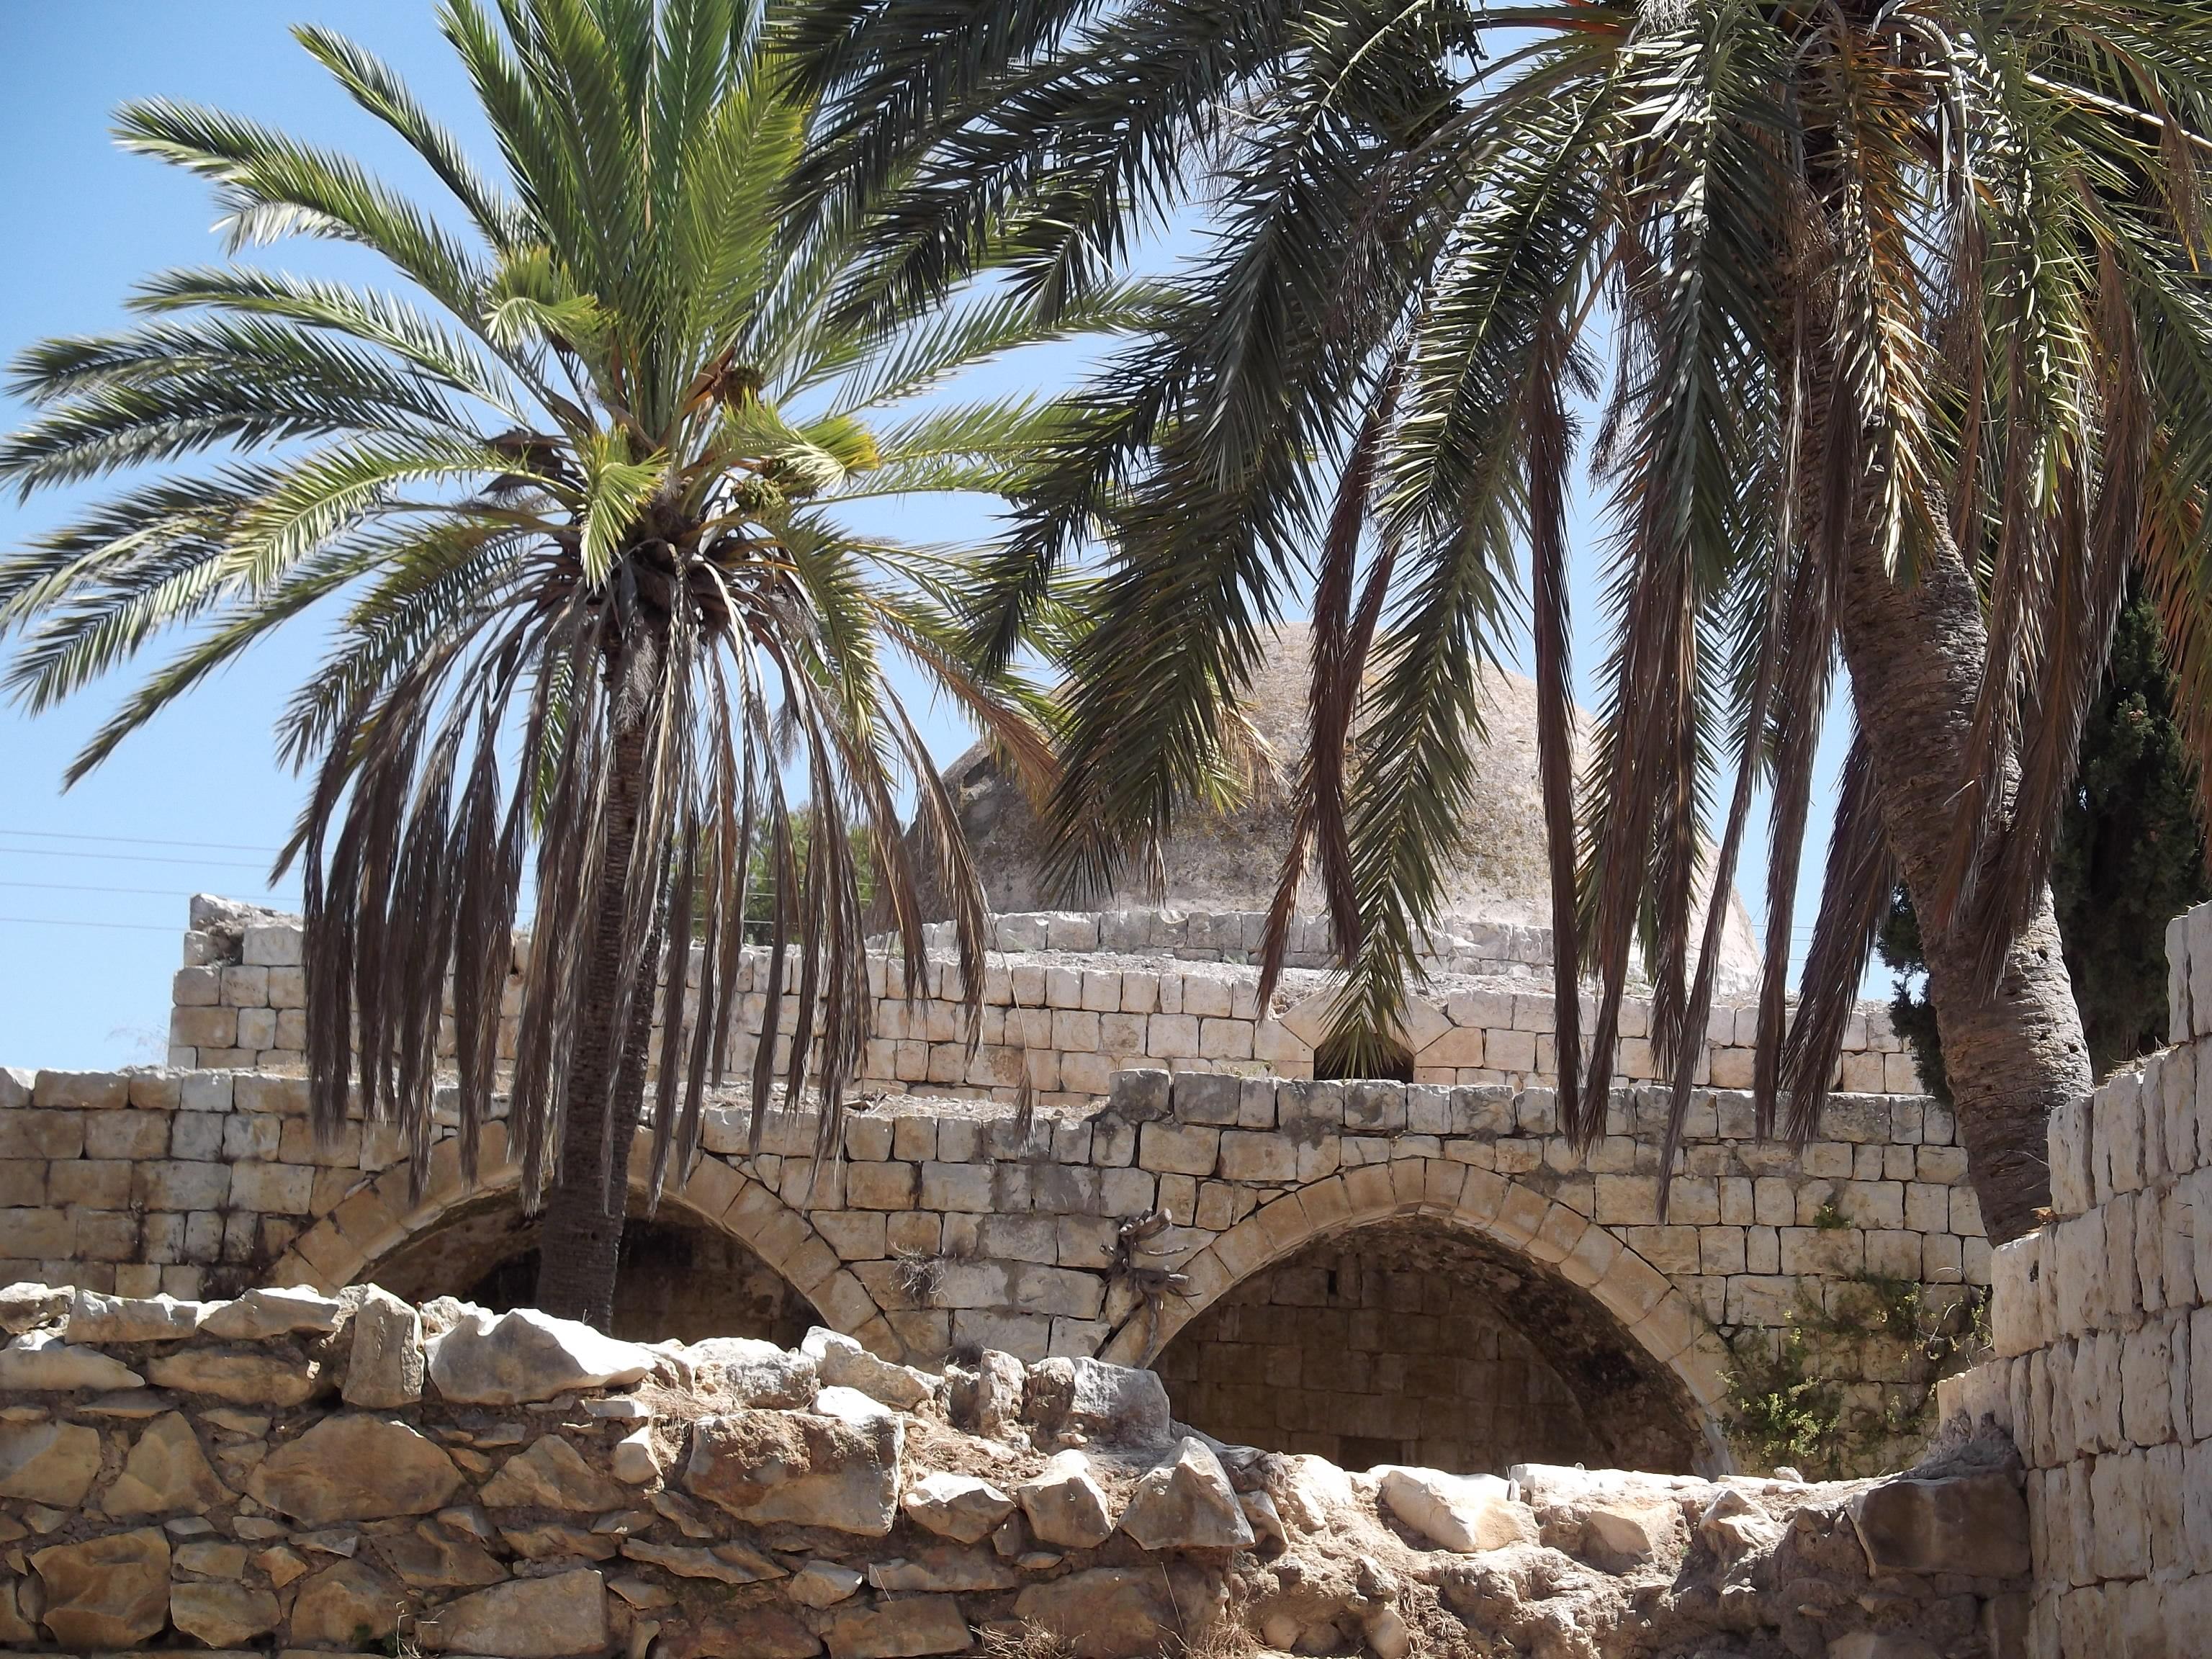 Al Ghabsiyah, Palestine/Israel